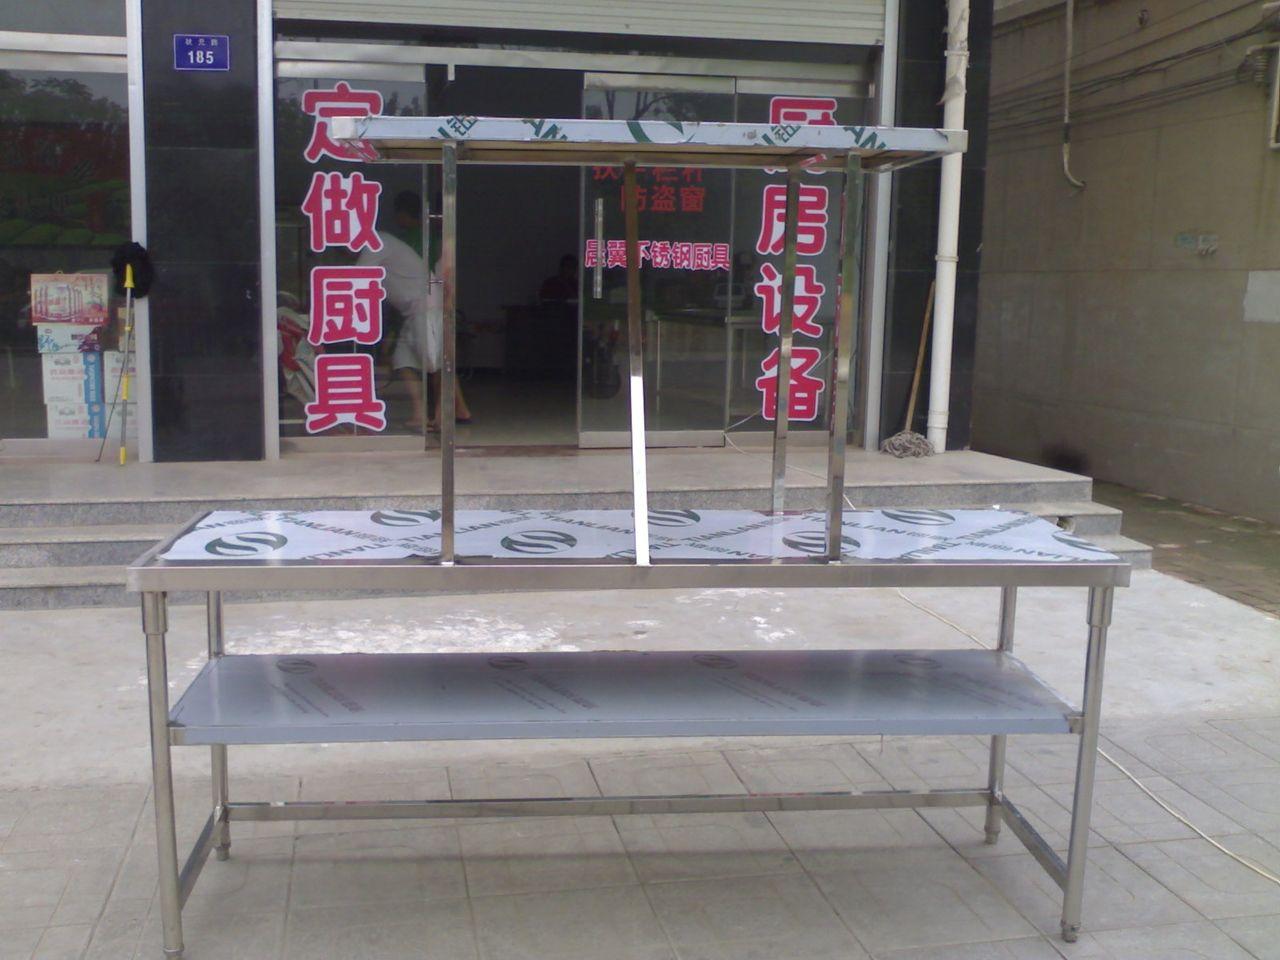 不锈钢楼梯扶手,栏杆,防盗窗.地址:宁晋县状元路185号(实验一高清图片